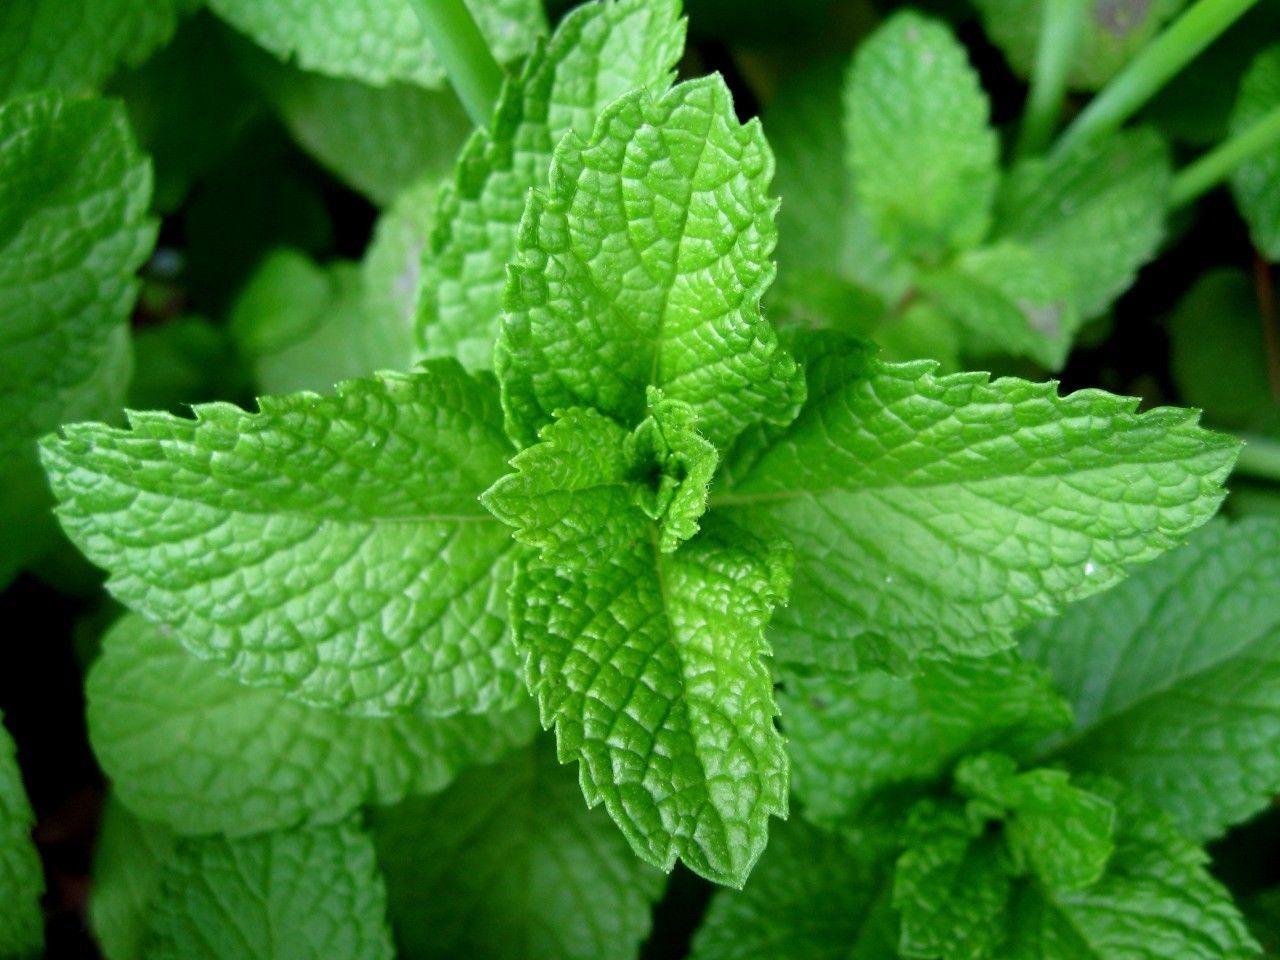 Aceite Esencial de Menta piperita (Mentha x piperita)